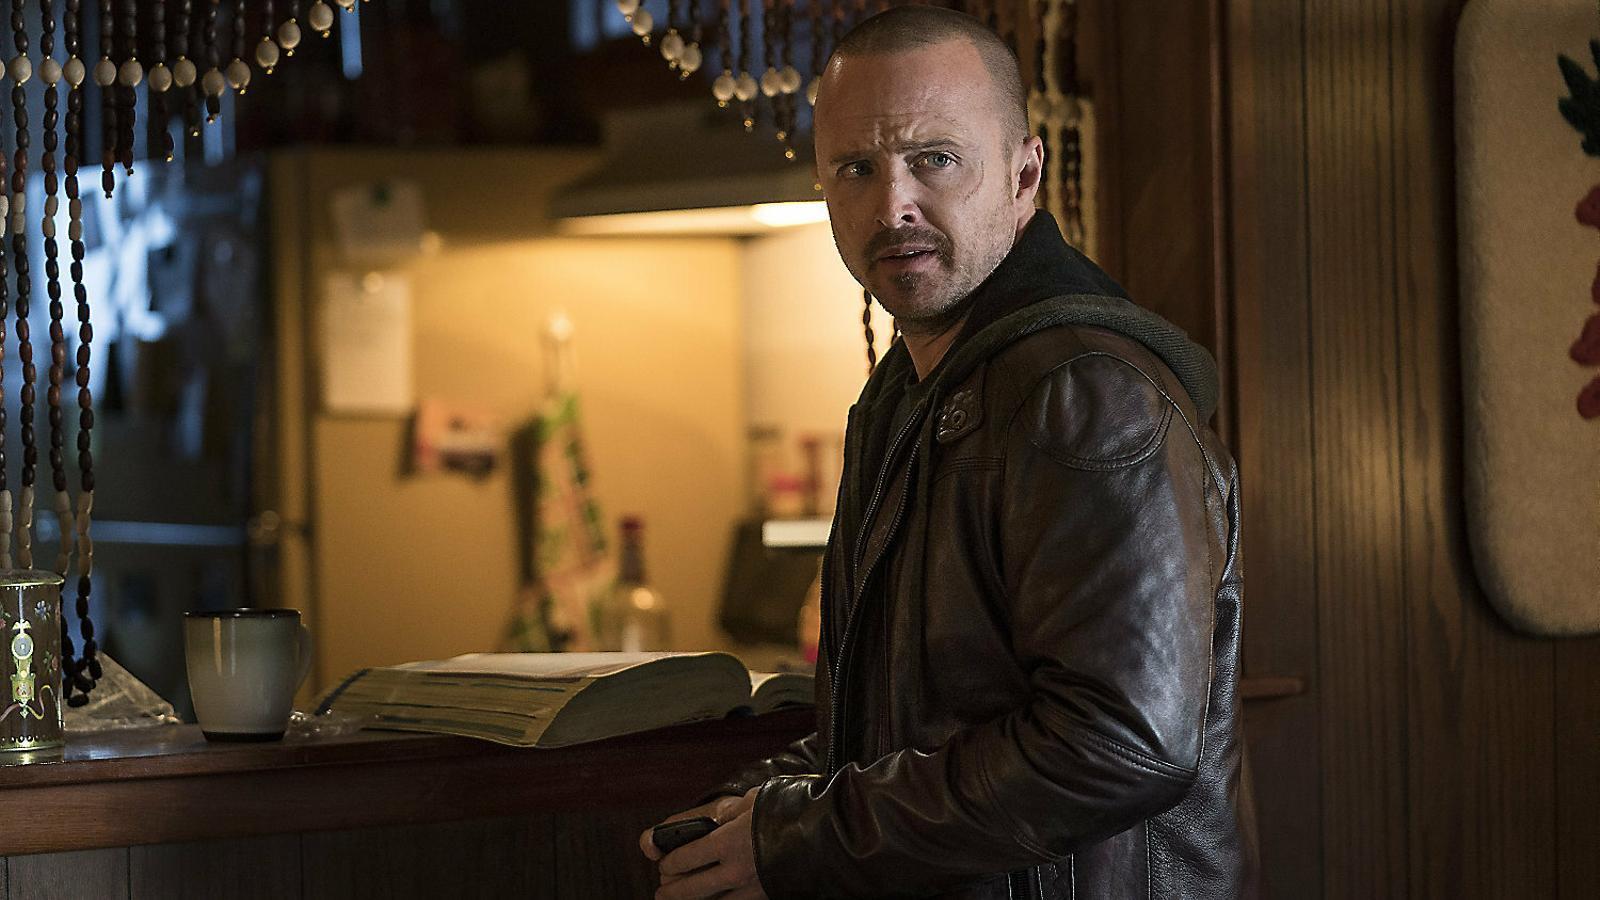 Aaron Paul presentarà a Sitges El Camino, en què reprèn el personatge de Jesse Pinkman que interpretava a la sèrie Breaking Bad.